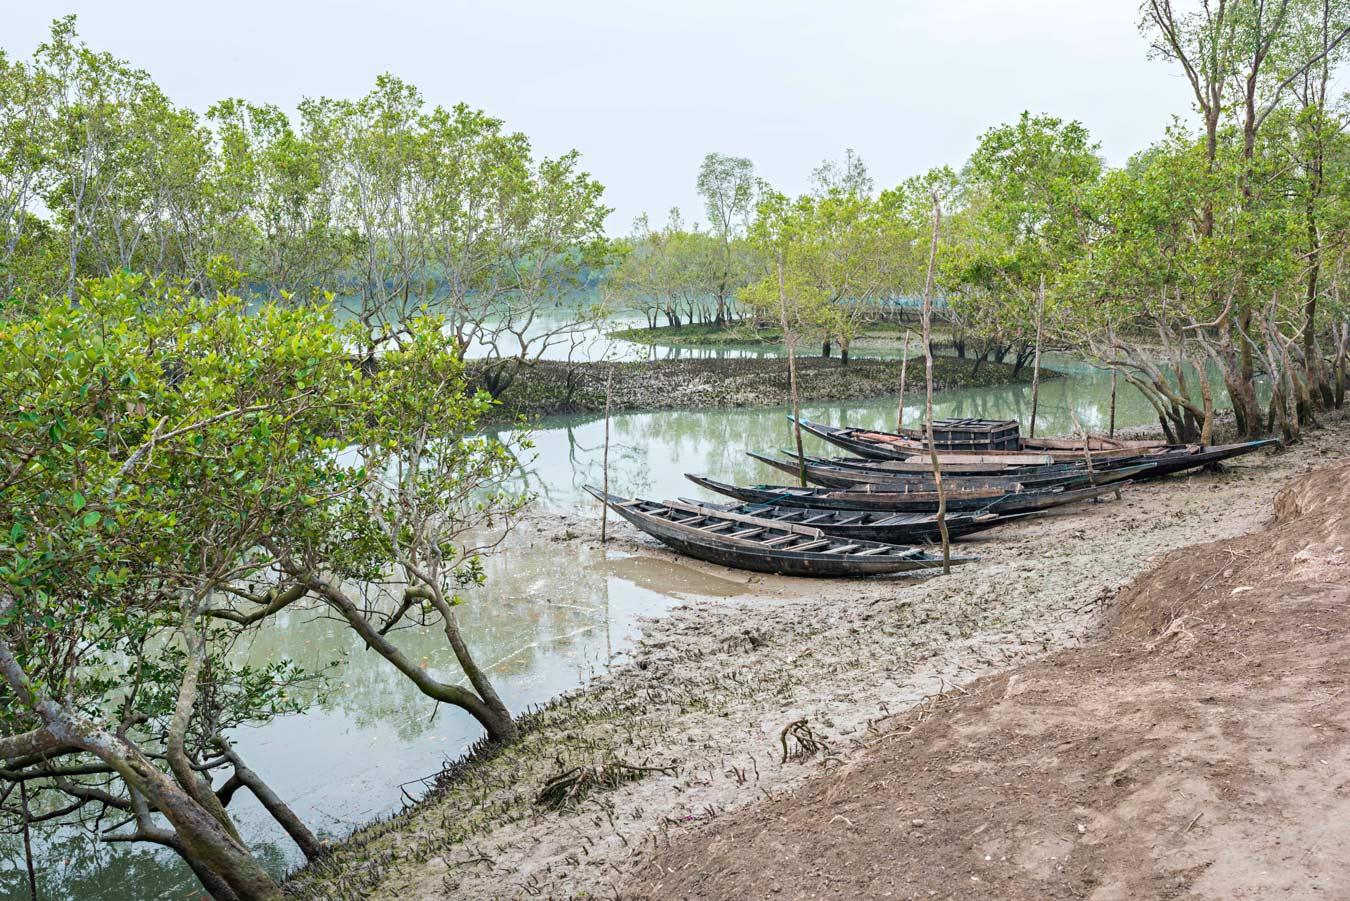 Un bellissimo scorcio della foresta di mangrovie del Bengala con le tipiche imbarcazioni in legno